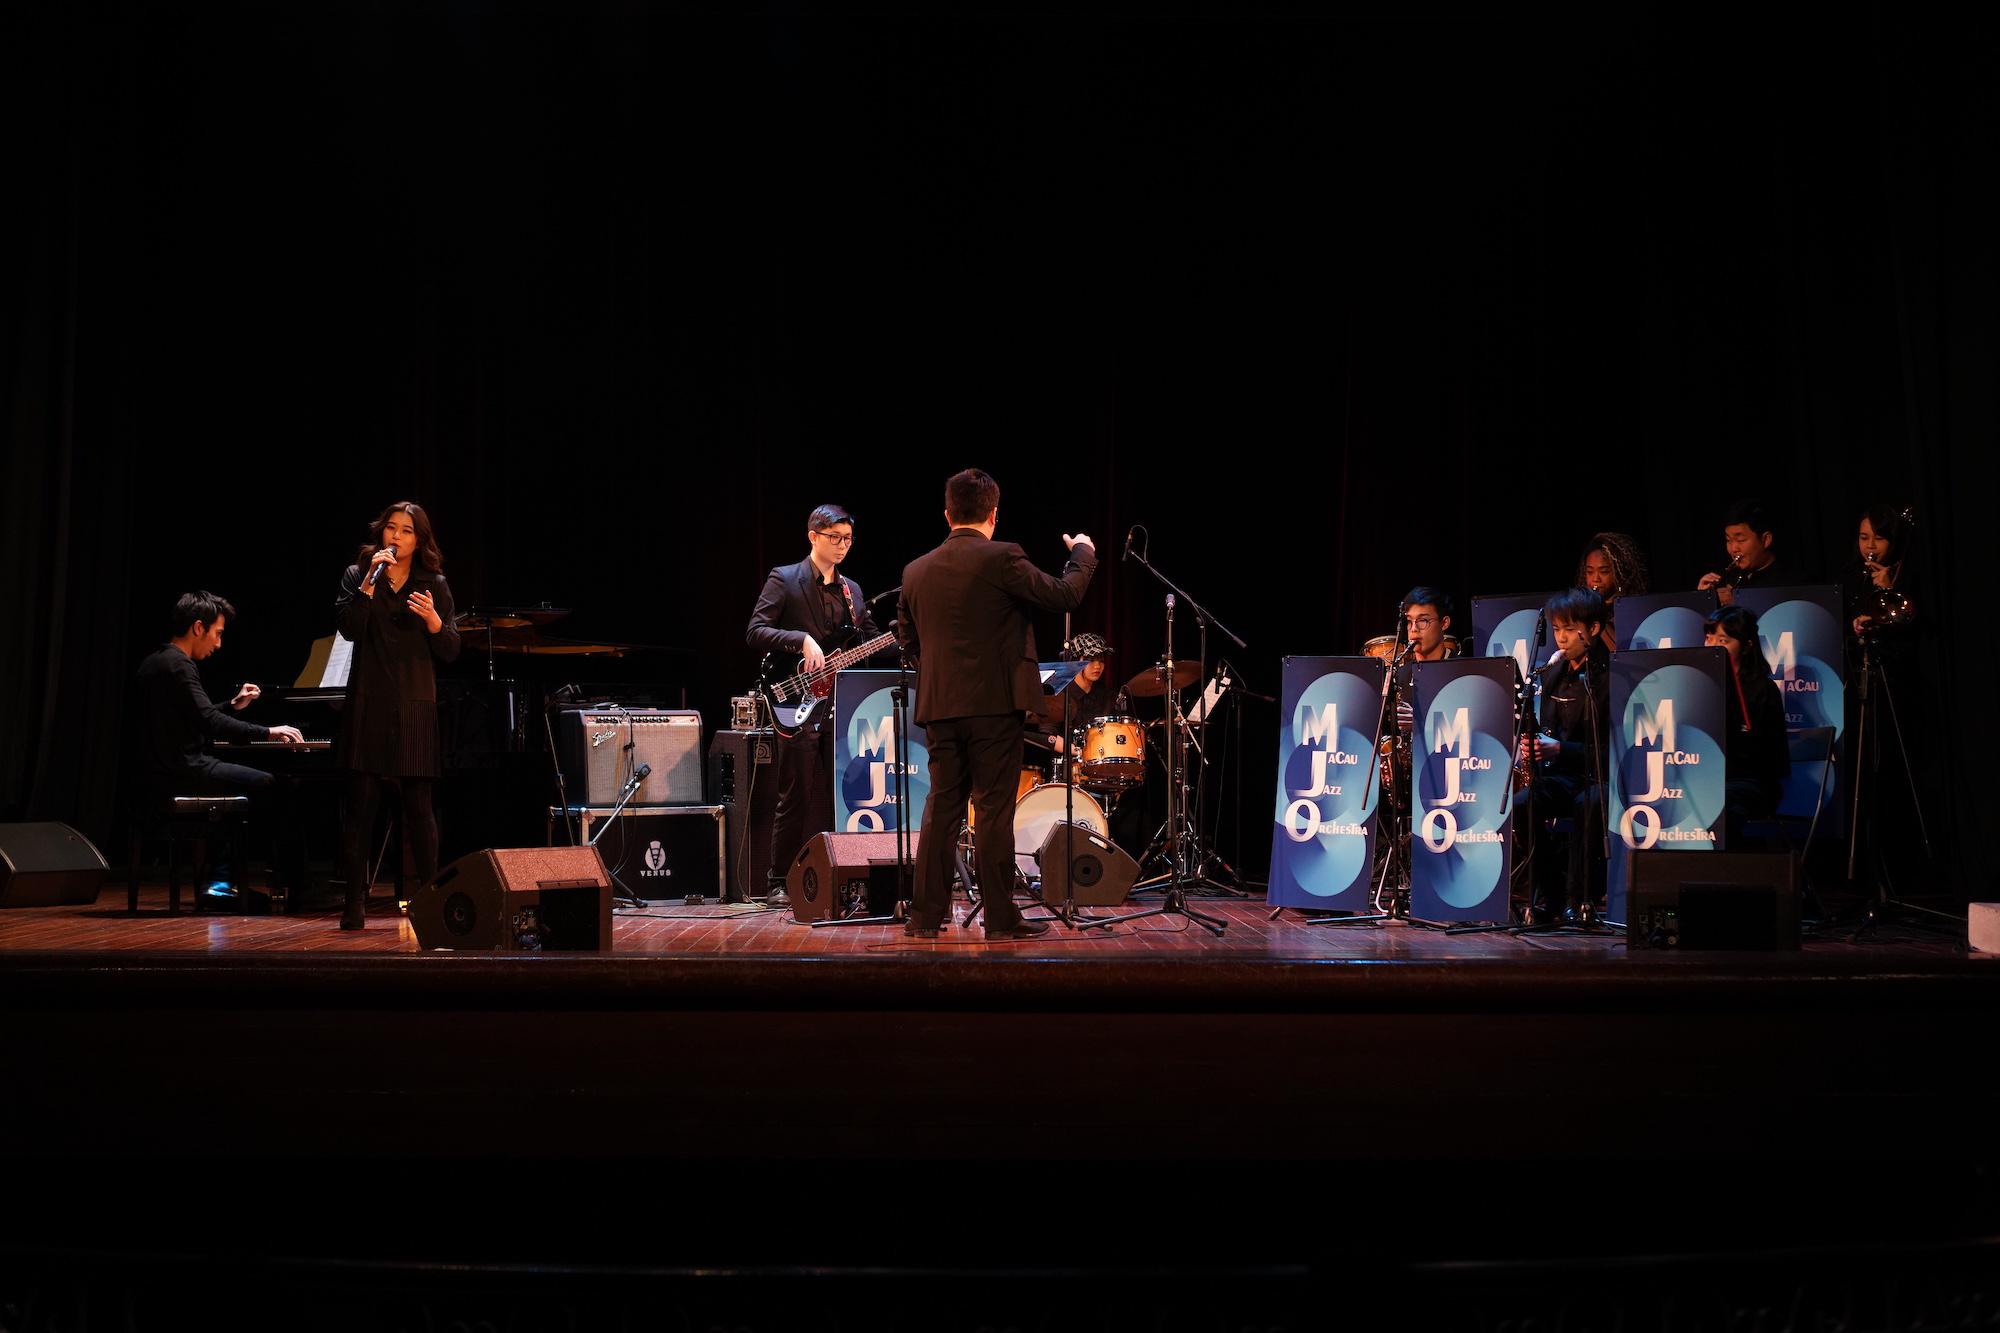 Senior Group of Macau Youth Jazz Orchestra